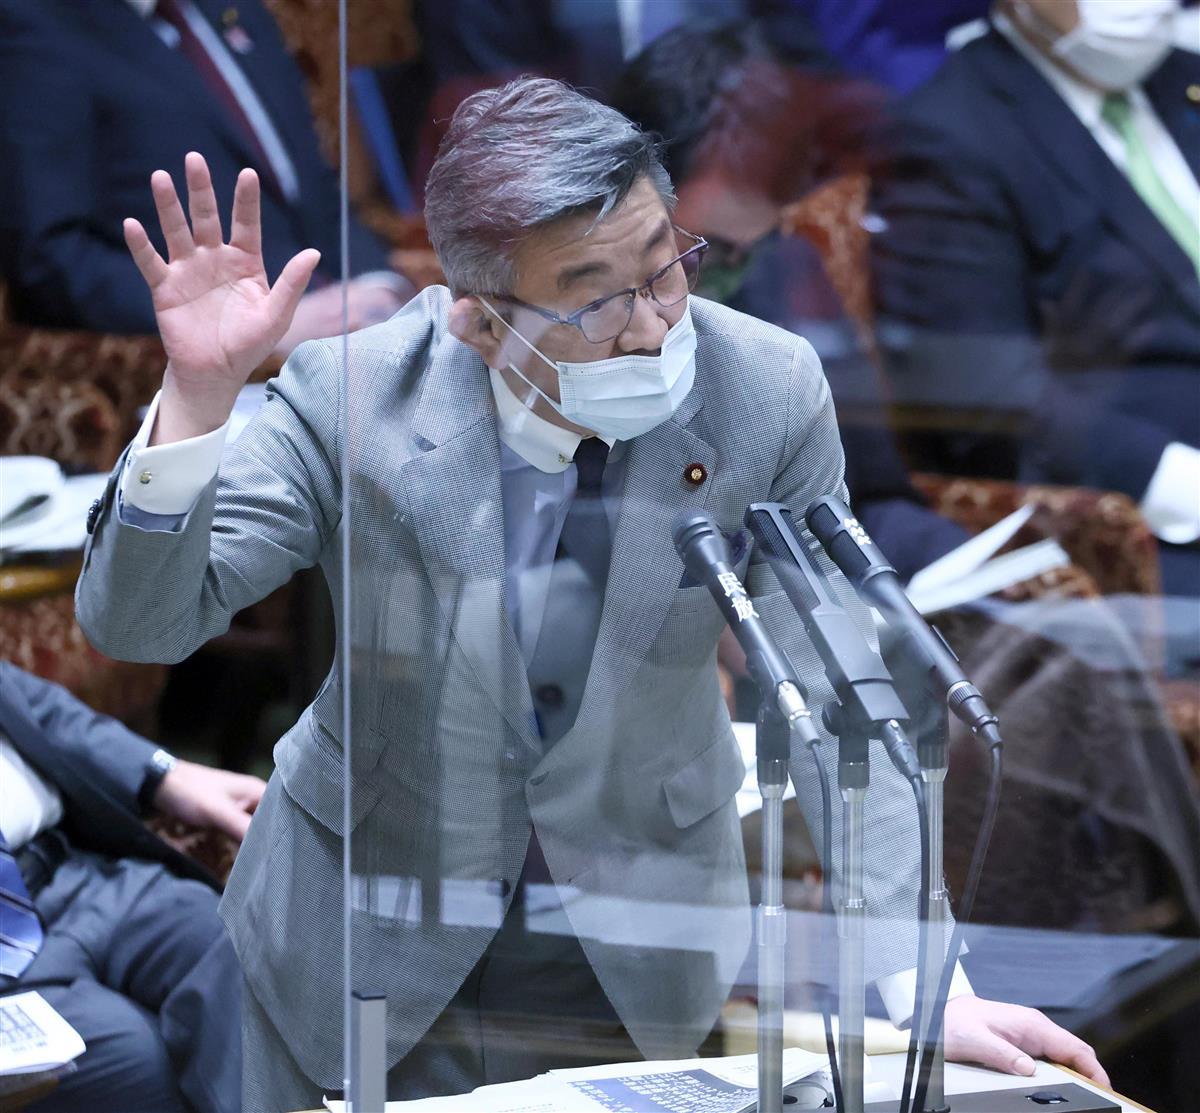 参院予算委員会で答弁する武田良太総務相=26日午前、参院第1委員会室(春名中撮影)